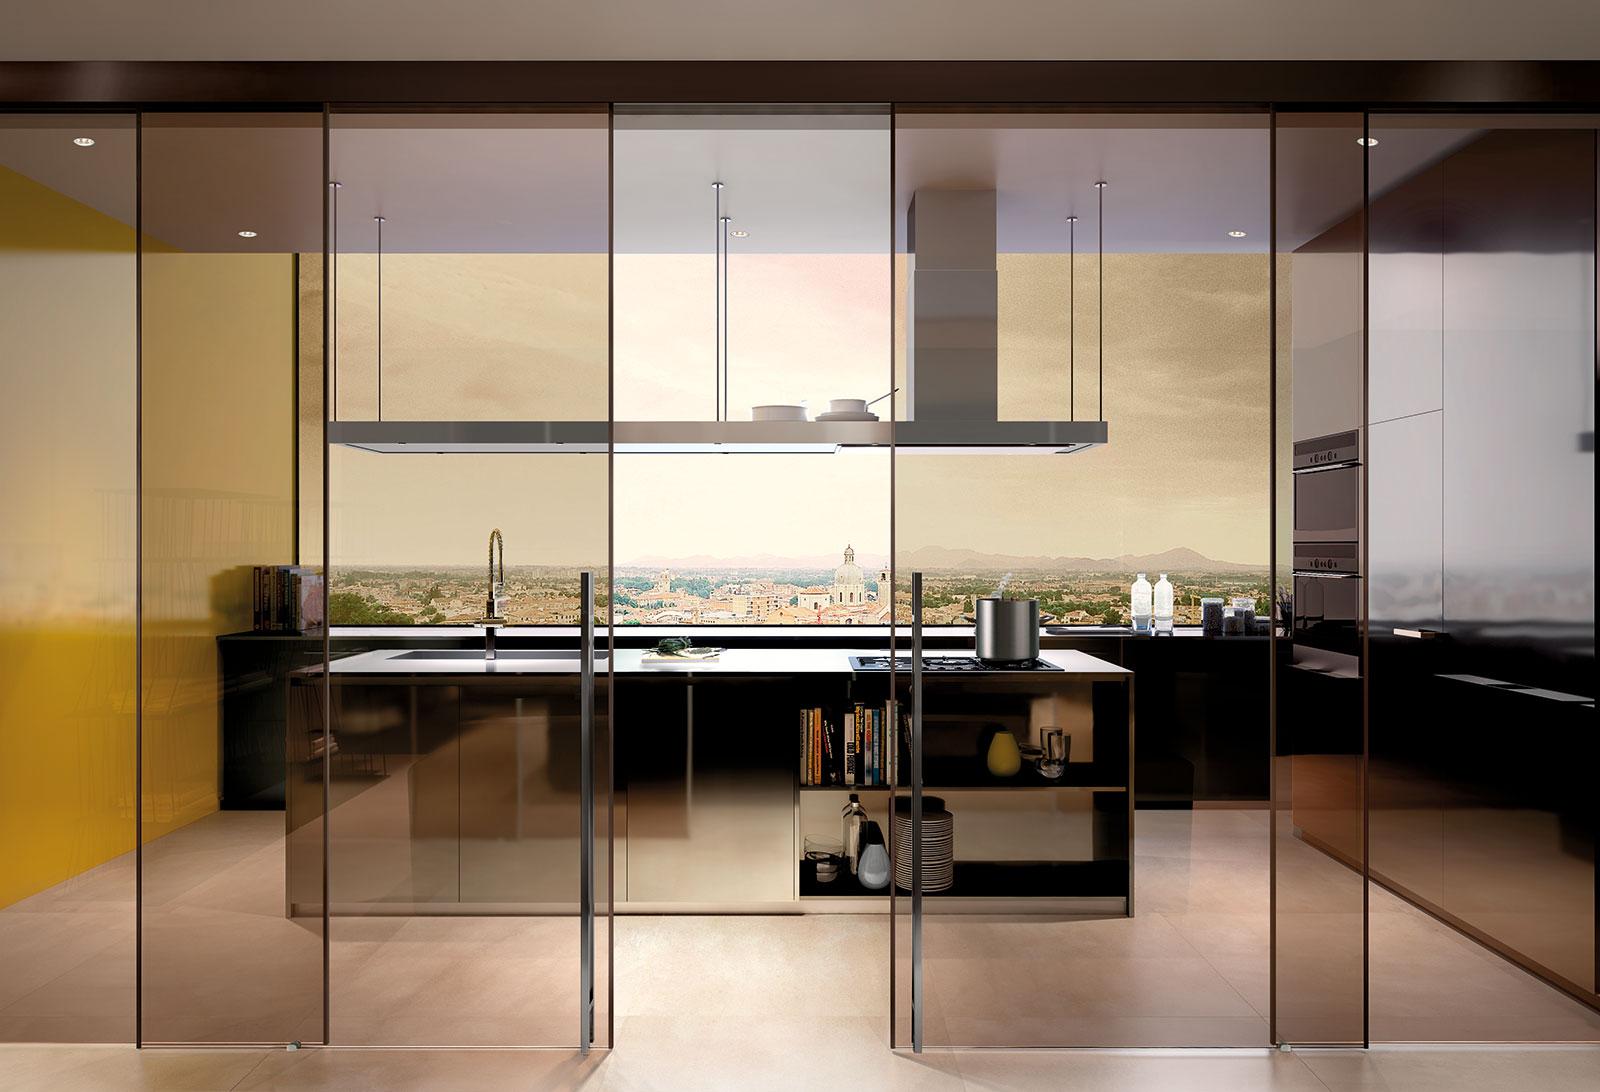 Vendita e installazione porte esterno muro in vetro con ...